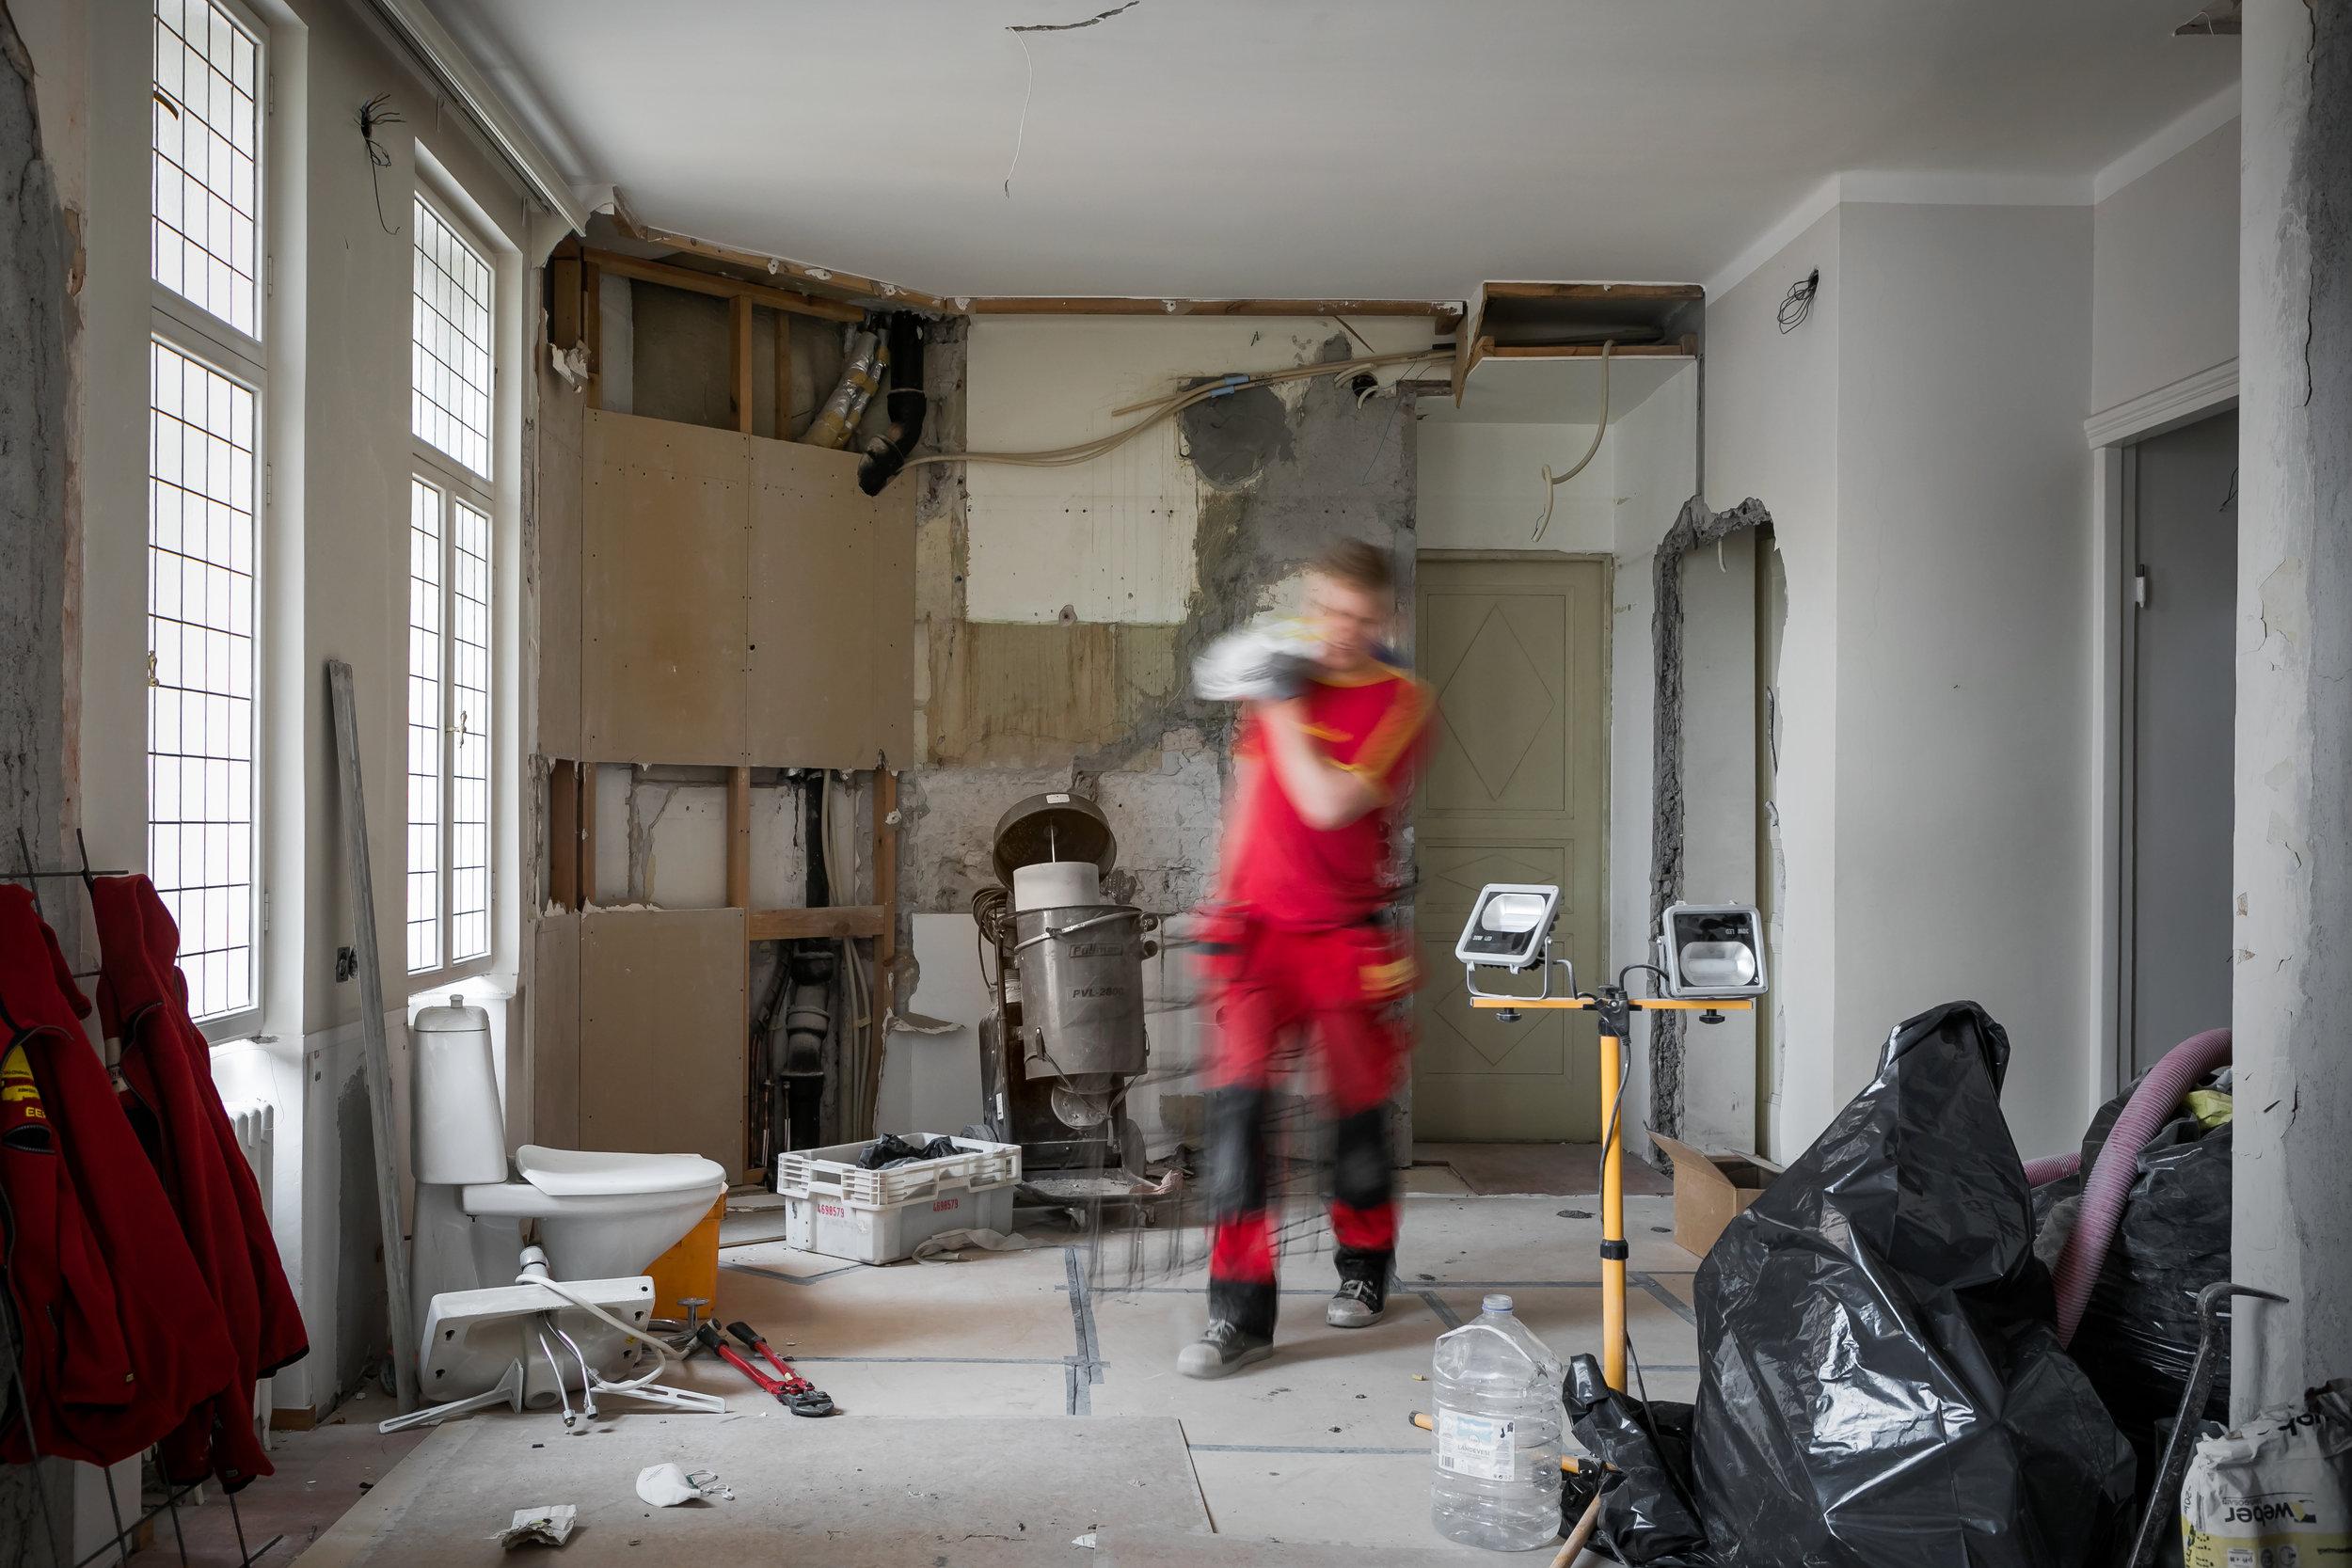 Remontit & korjaukset - Olipa kyseessä keittiöremontti, märkätilojen saneeraus, vanhan lautalattian hionta tai erikoisosaamista vaativa entisöintiprojekti koko tilaan, meiltä saat kaikki remontointiin liittyvät palvelutMeiltä saat luonnollisesti myös putki-, sähkö- ja muut erikoisalojen osaajat kohteeseesi.